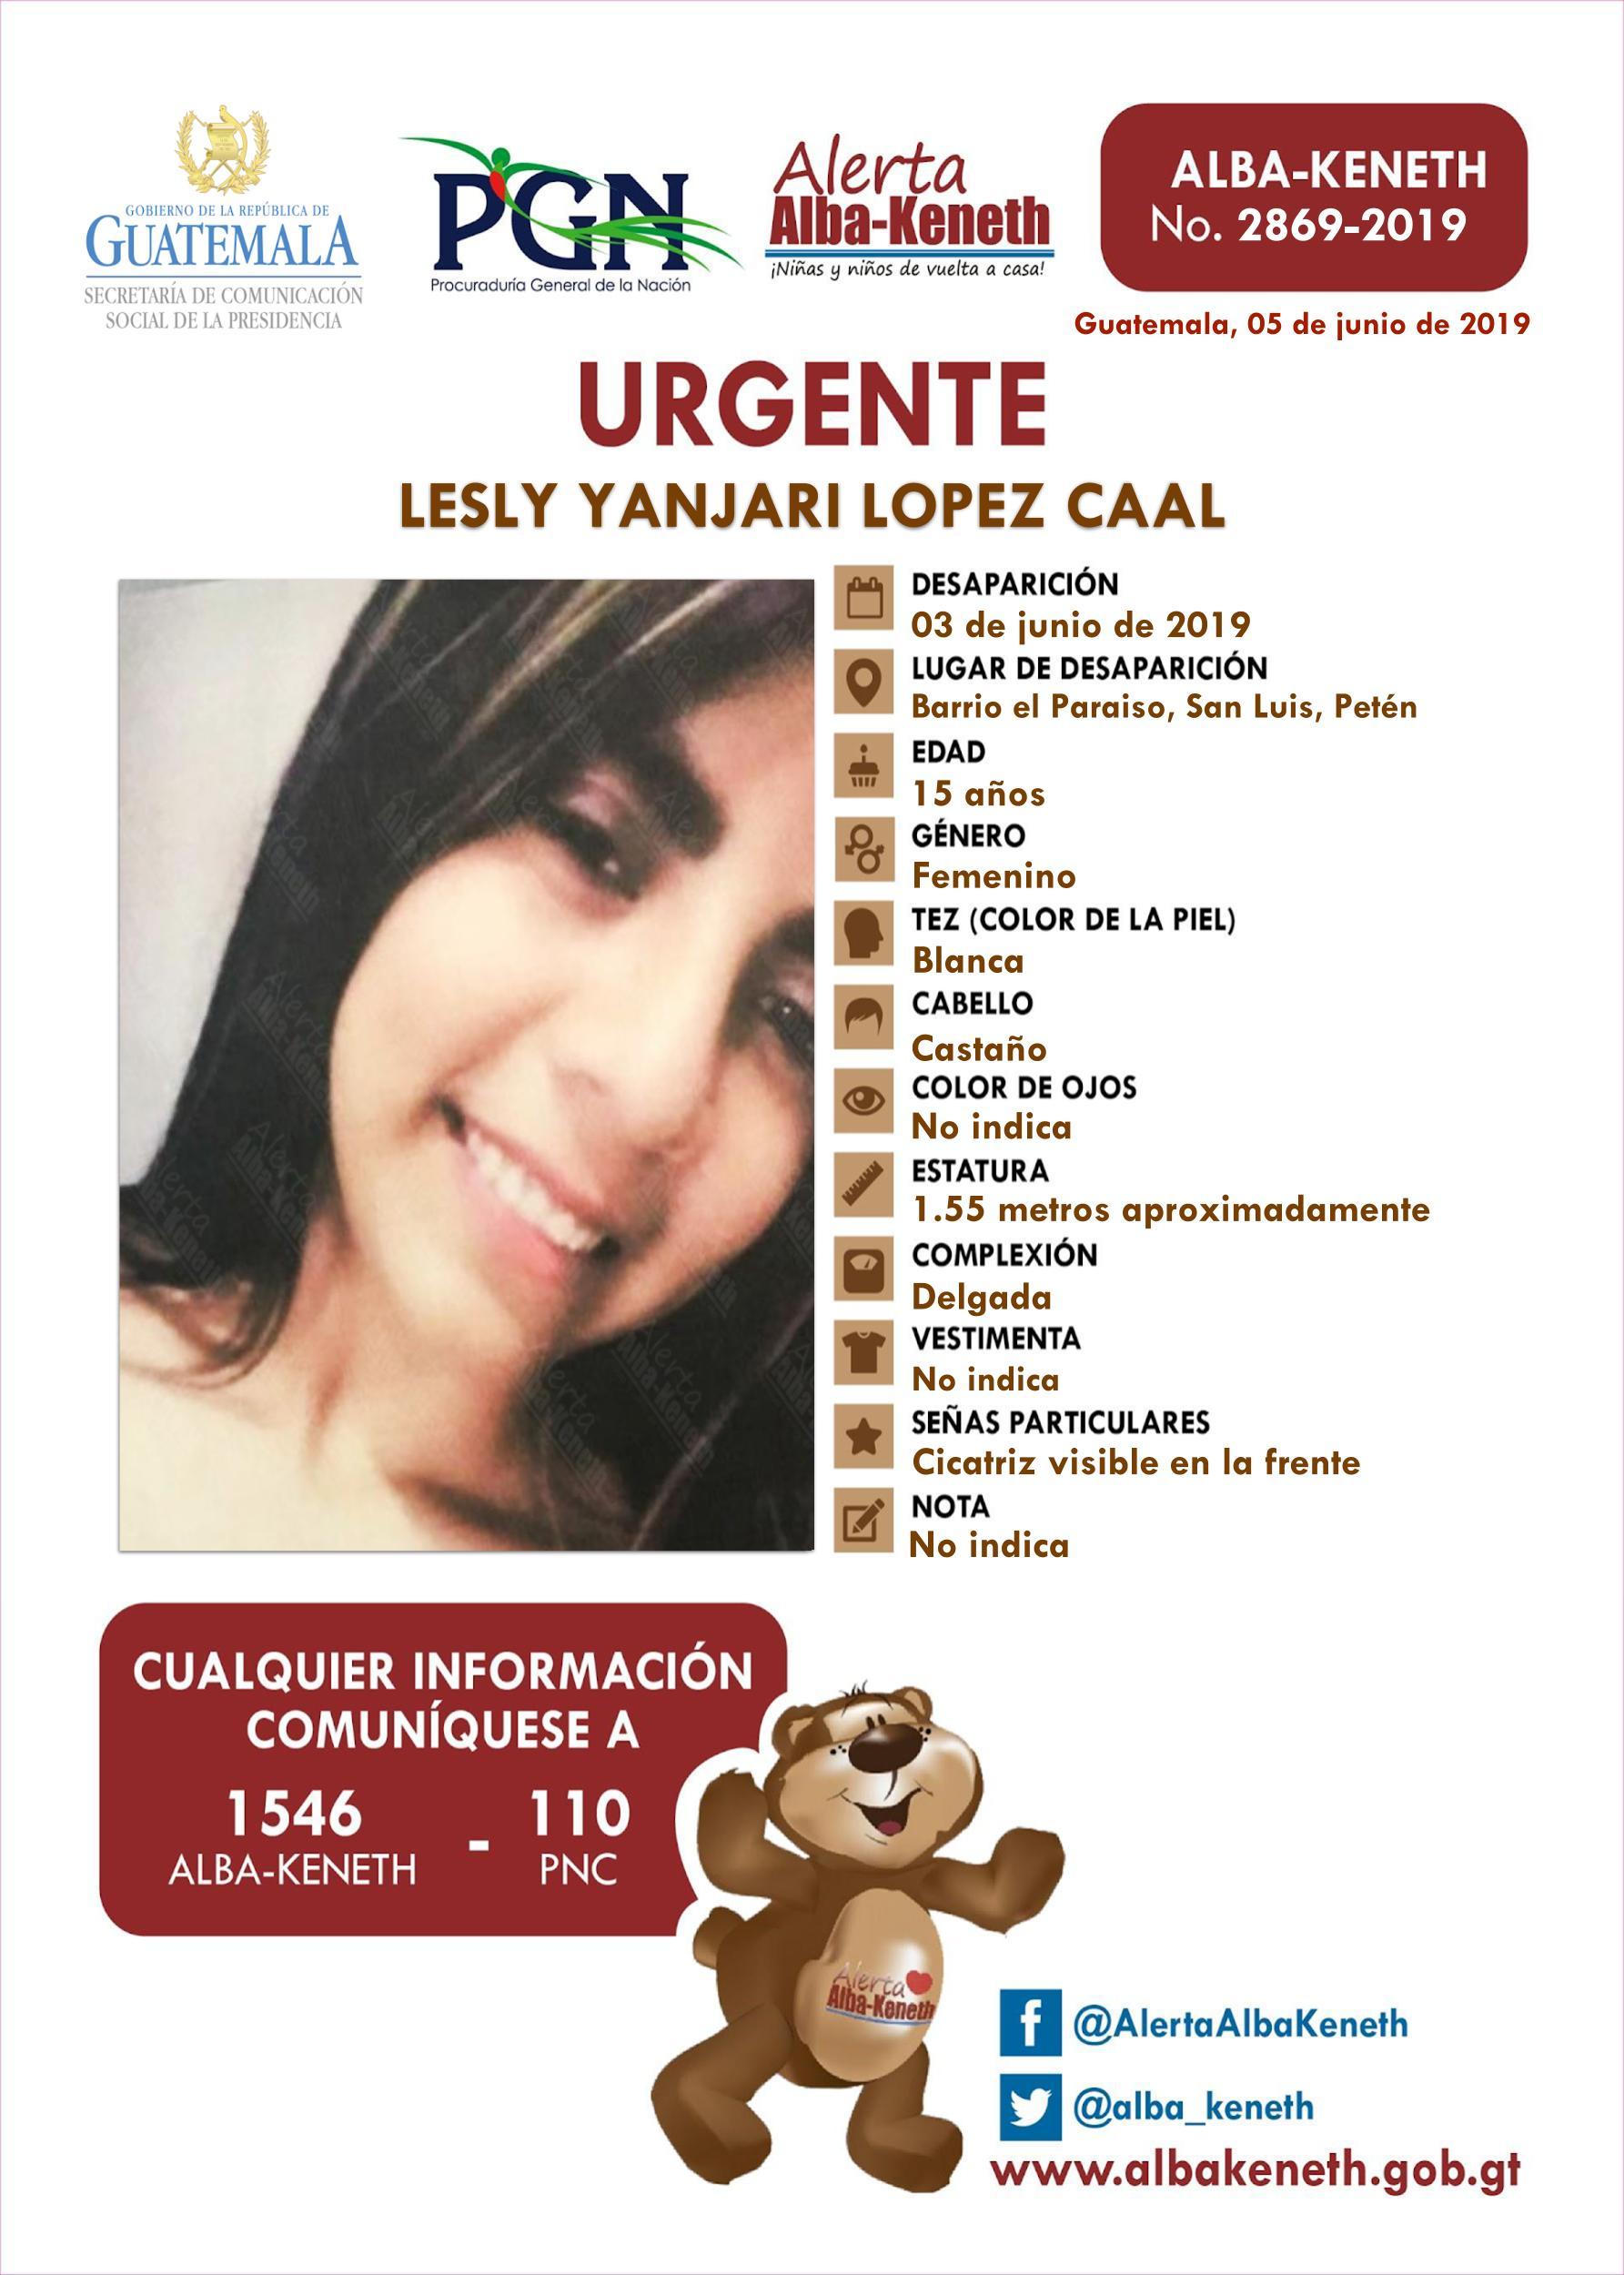 Lesly Yanjari Lopez Caal